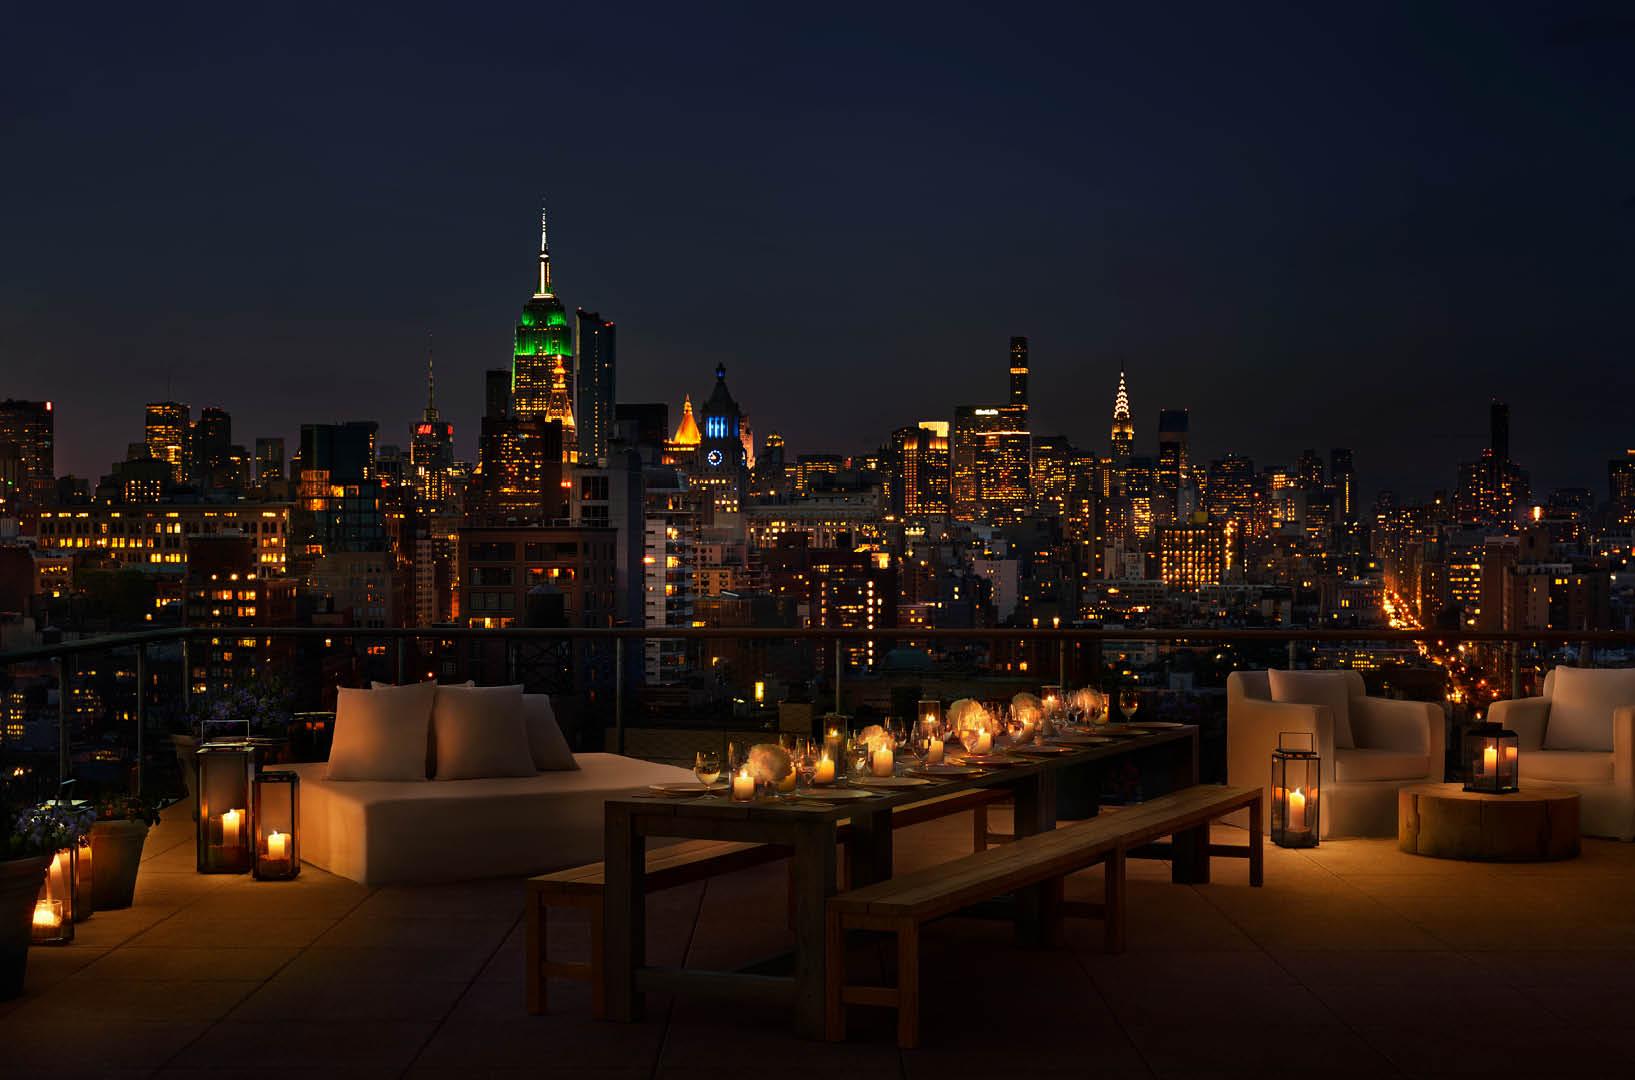 Das wohl angesagteste Hotel in SoHo, NYC: Das Public Hotel von Studio 54-Gründer Ian Schrager 19